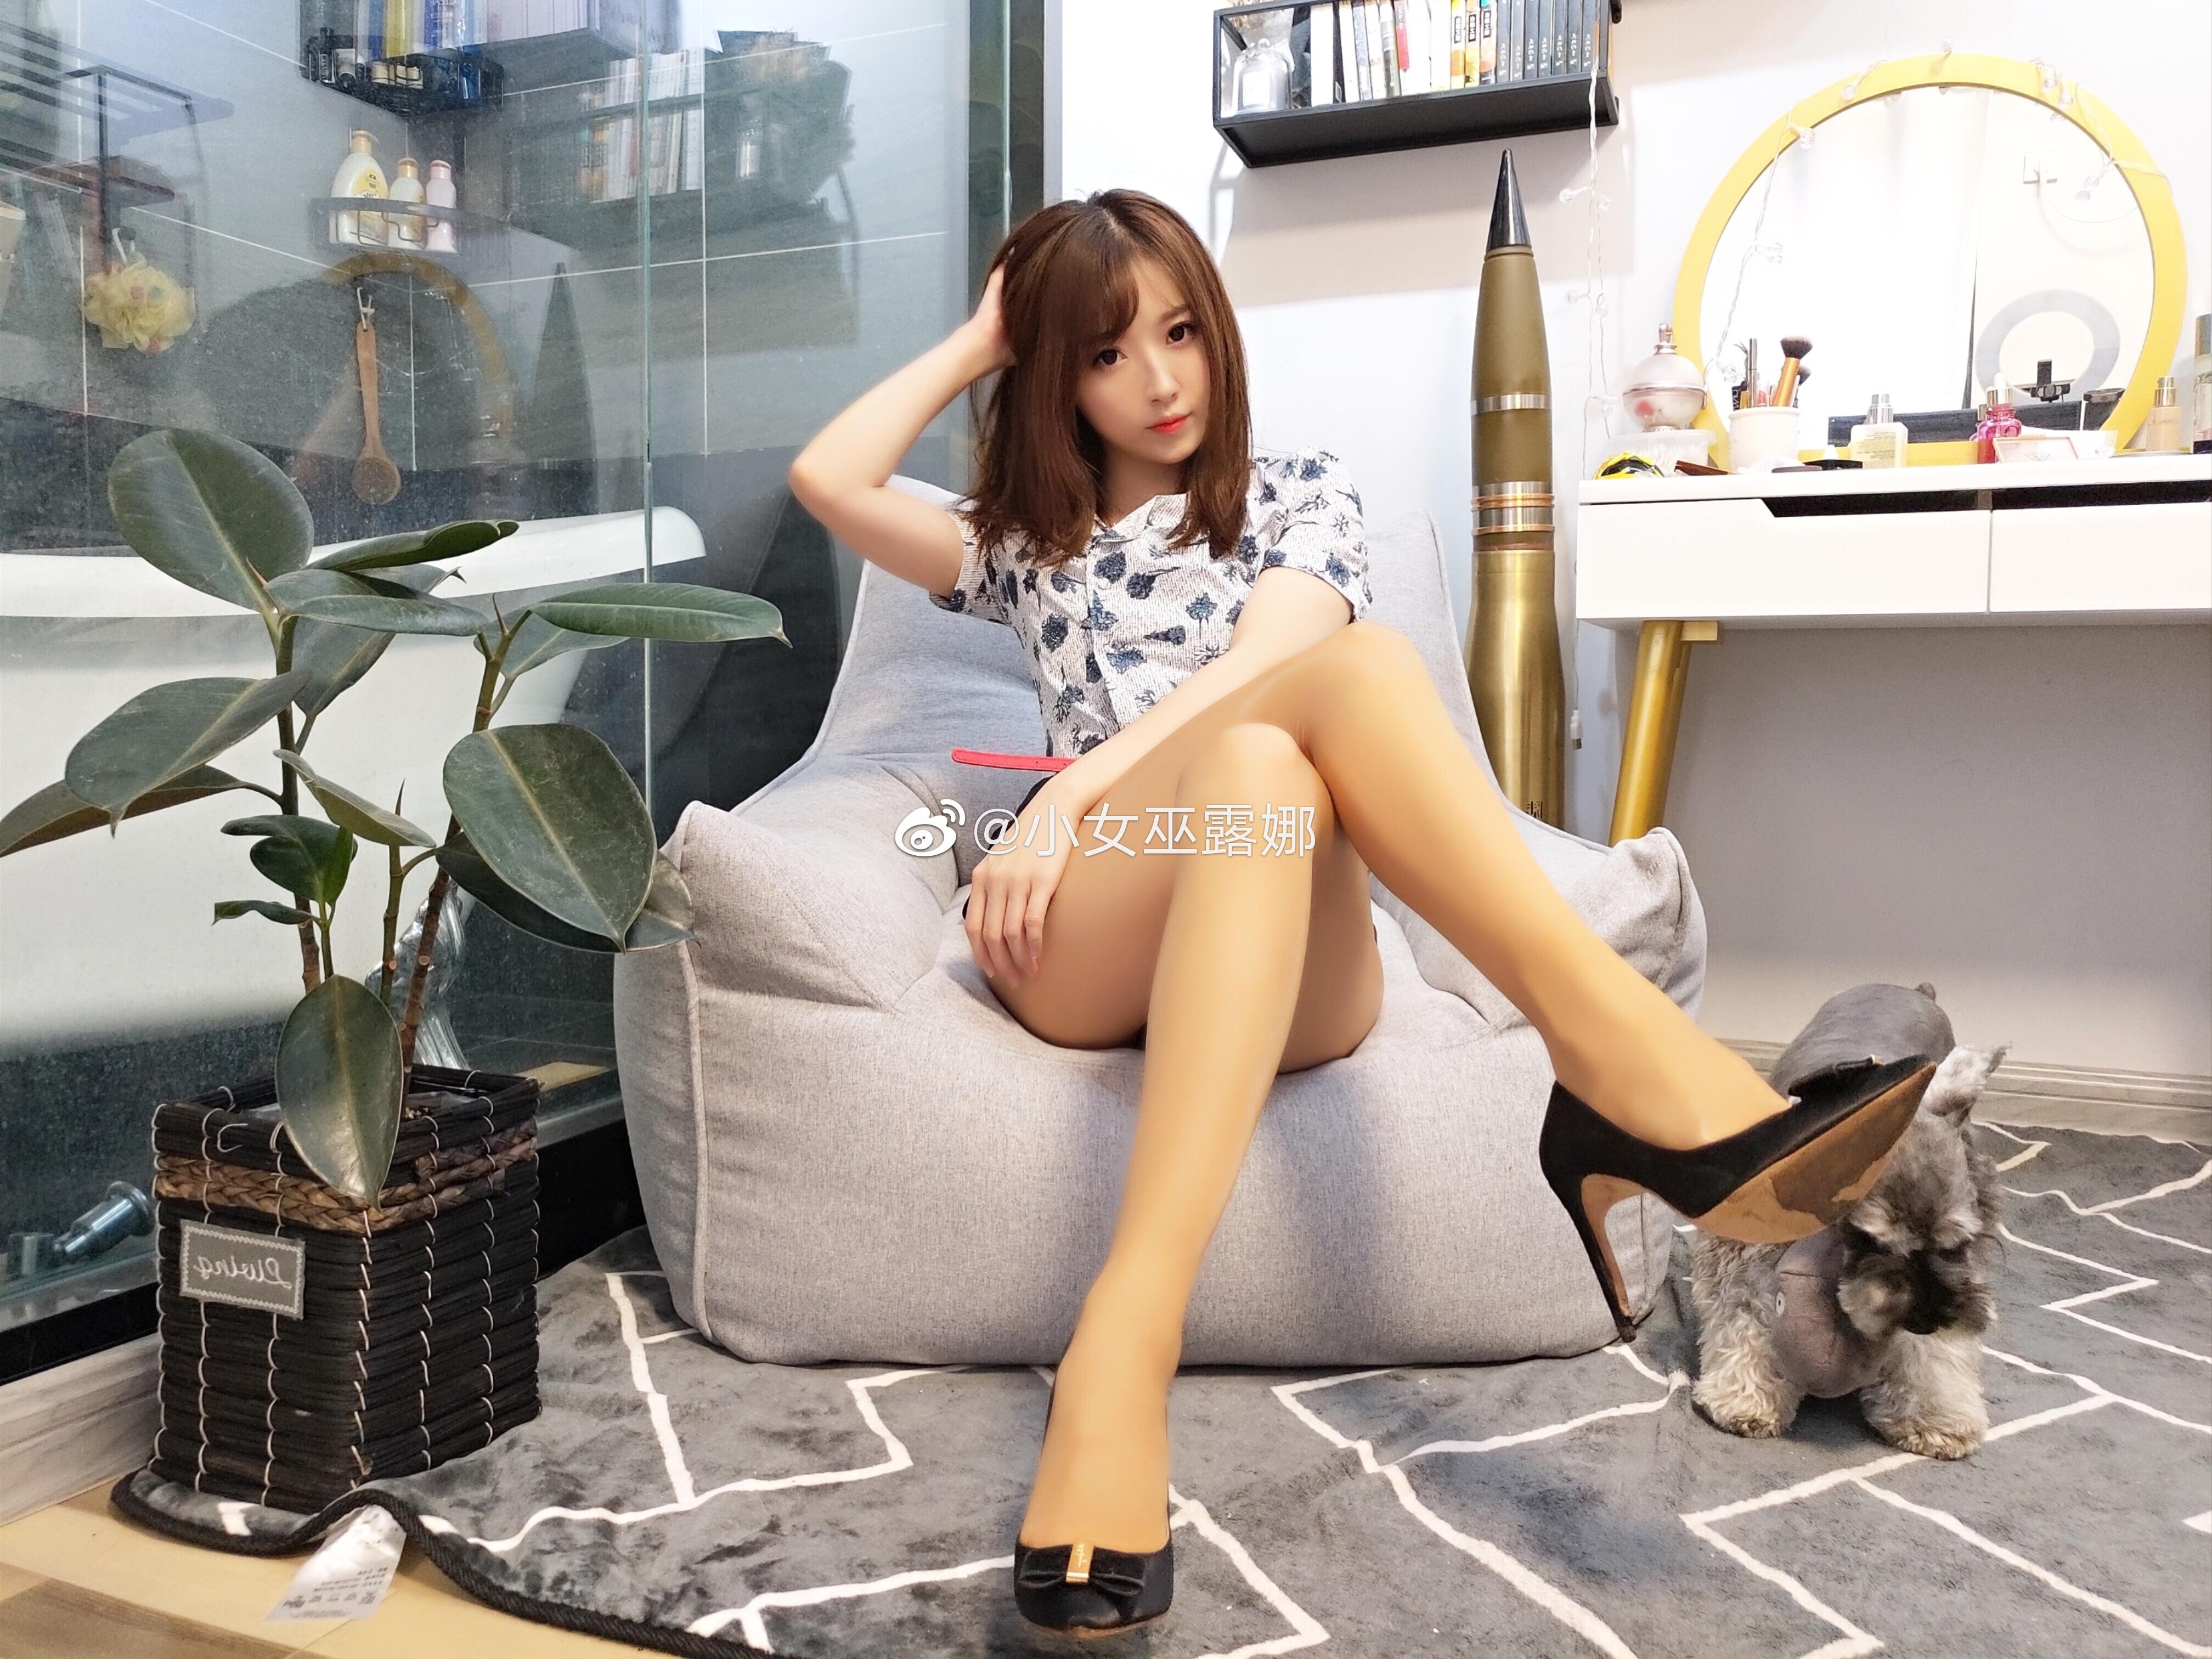 斗鱼主播小女巫露娜的腿子图集 美女写真-第19张